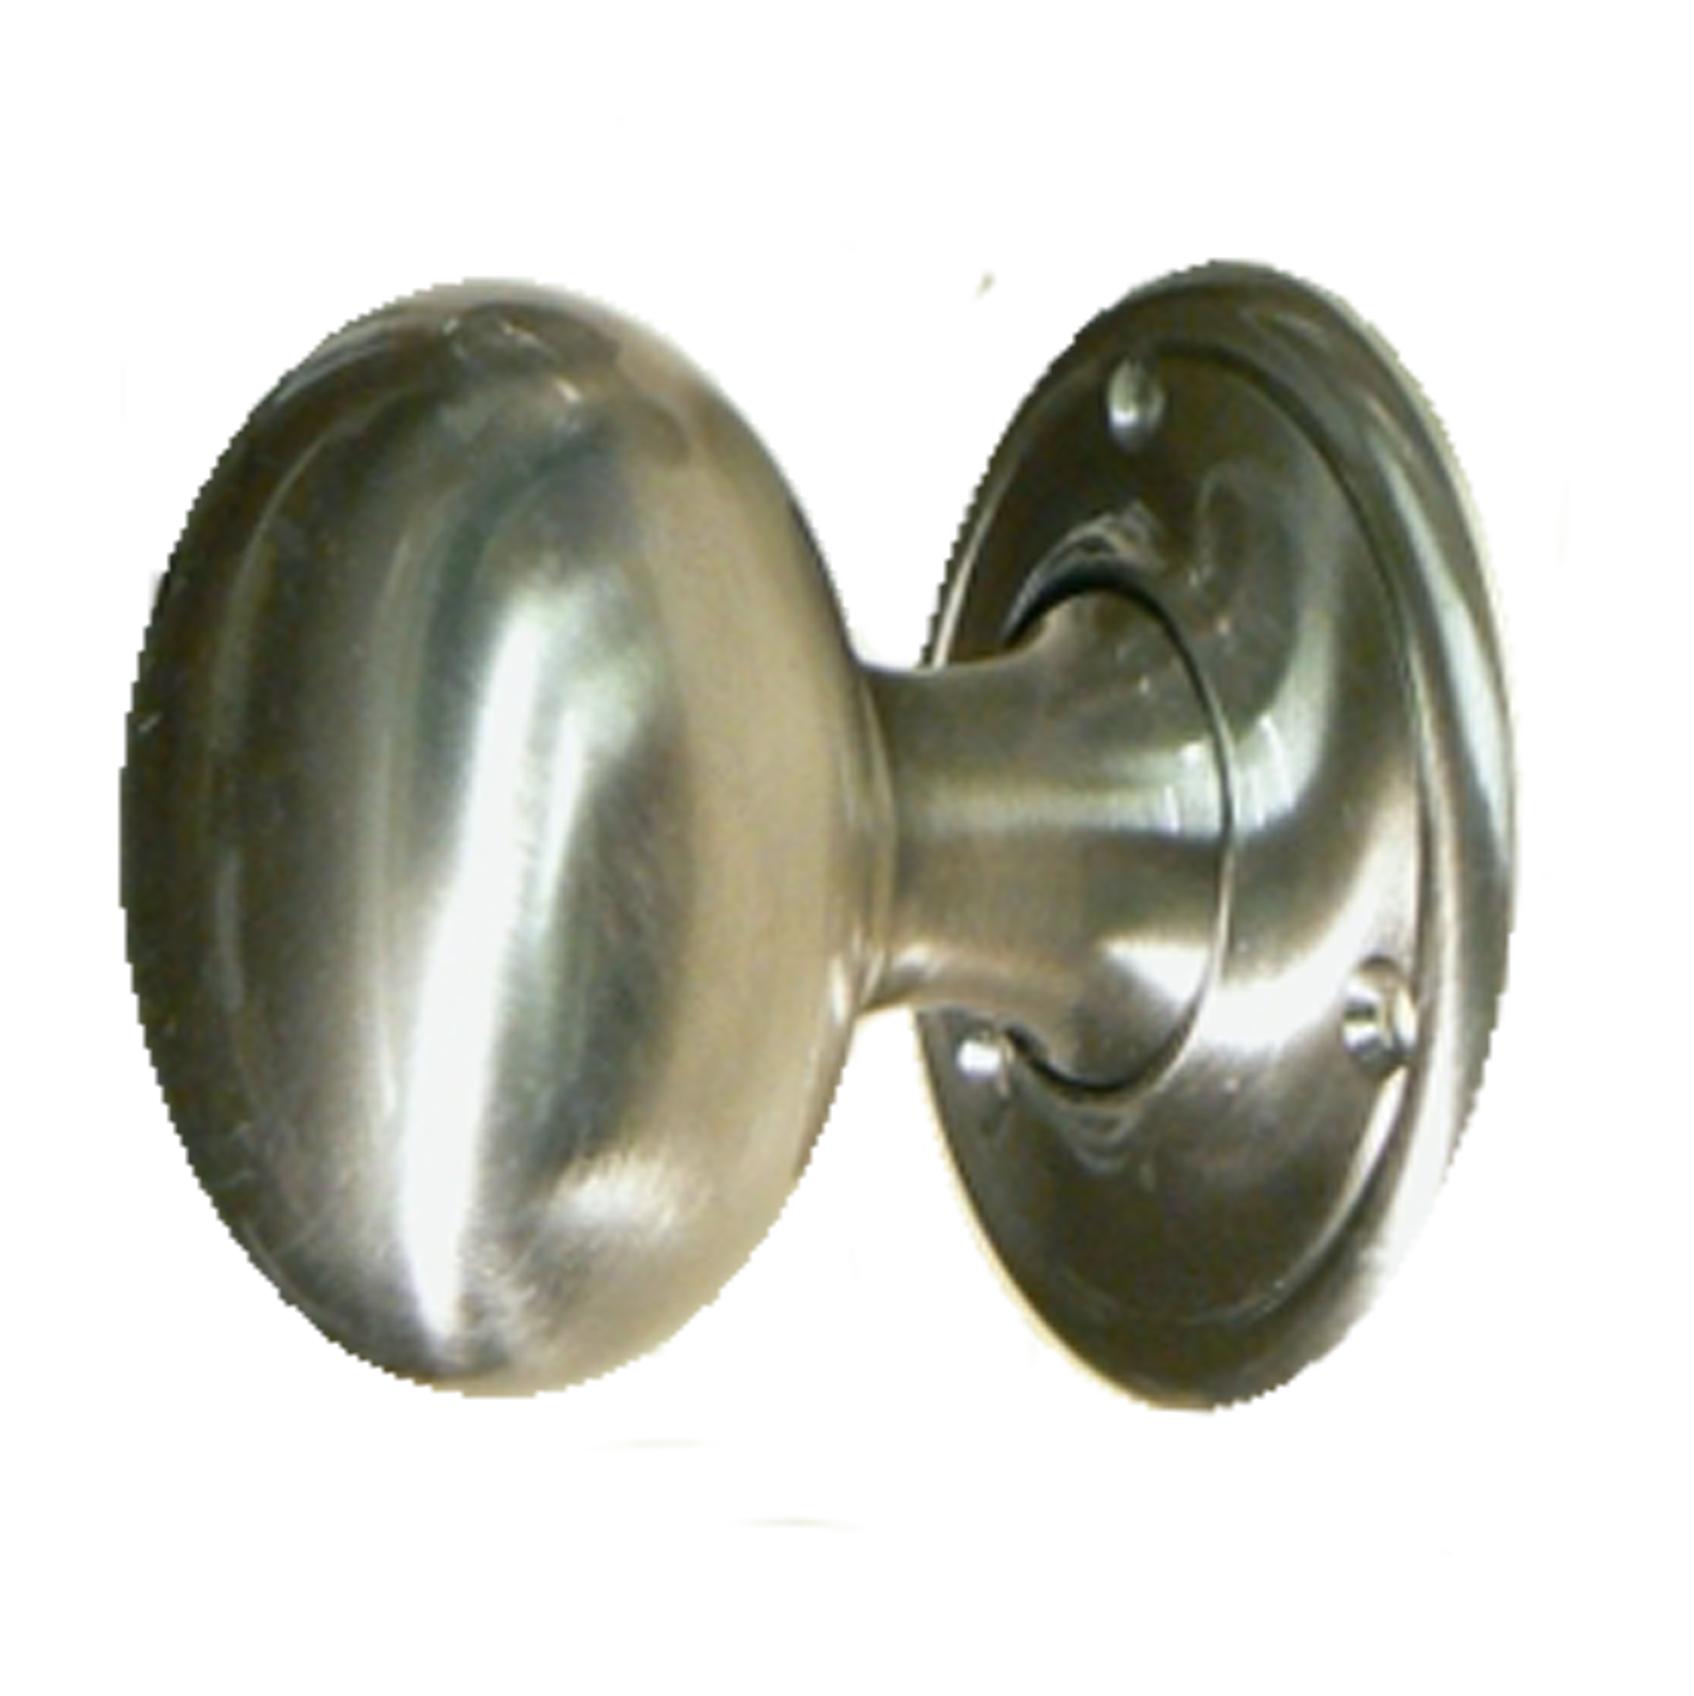 Camelot Brushed Chrome Doorknobs